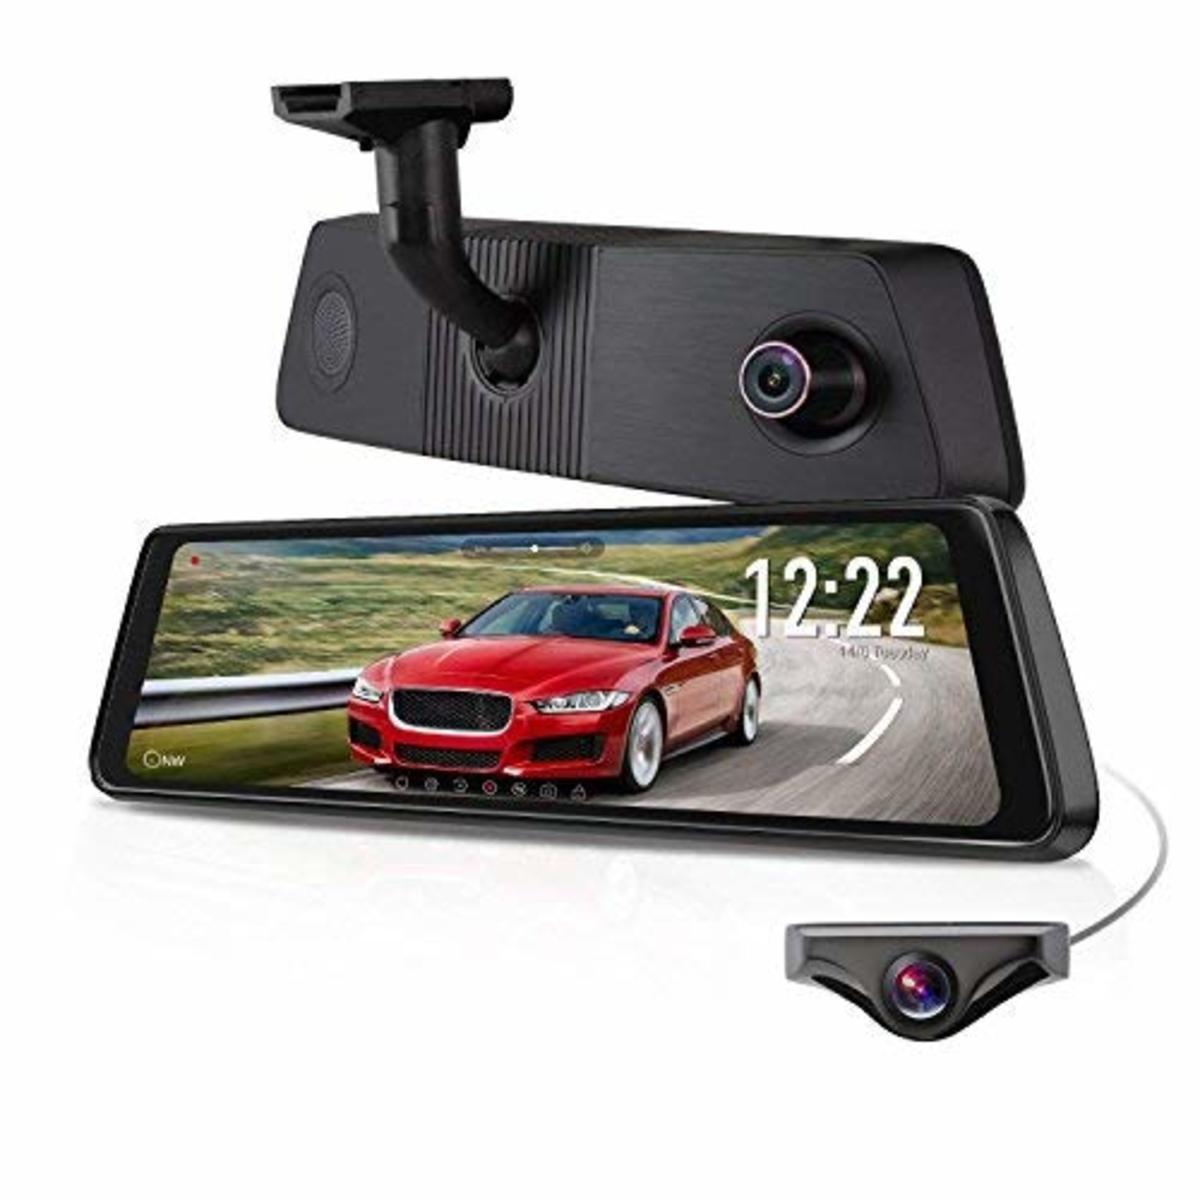 AUTO-VOX X1PRO Rear View Mirror and Dash Cam